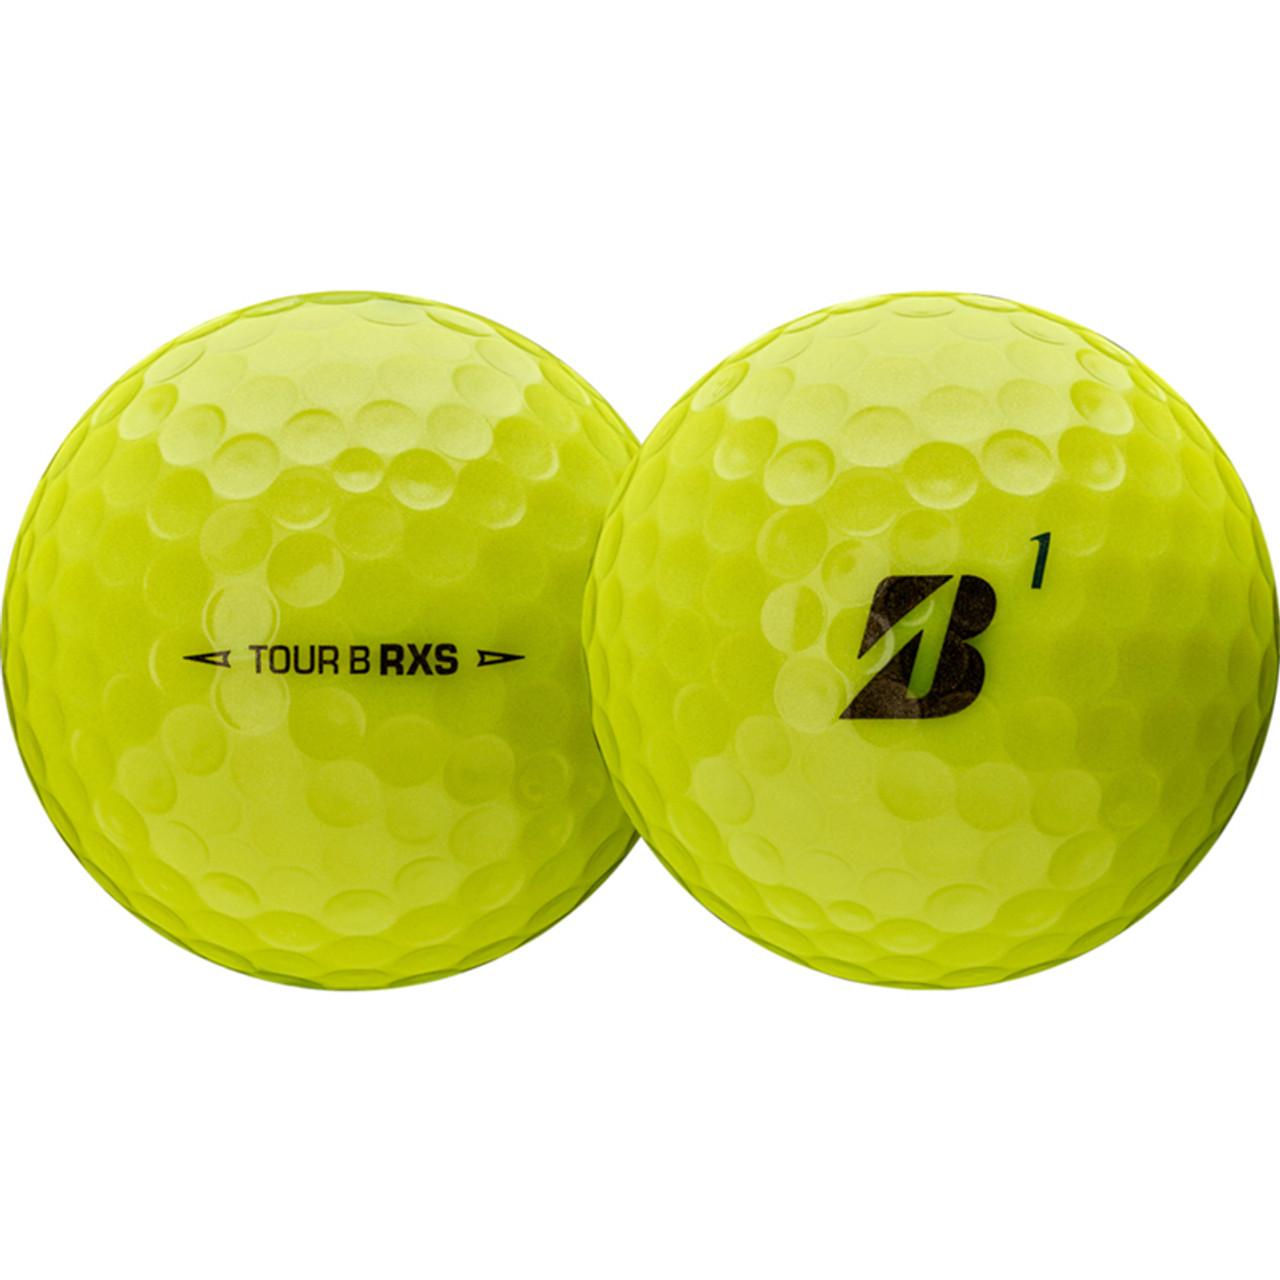 Bridgestone Tour B RXS Dozen Golf Balls 2020 - Yellow